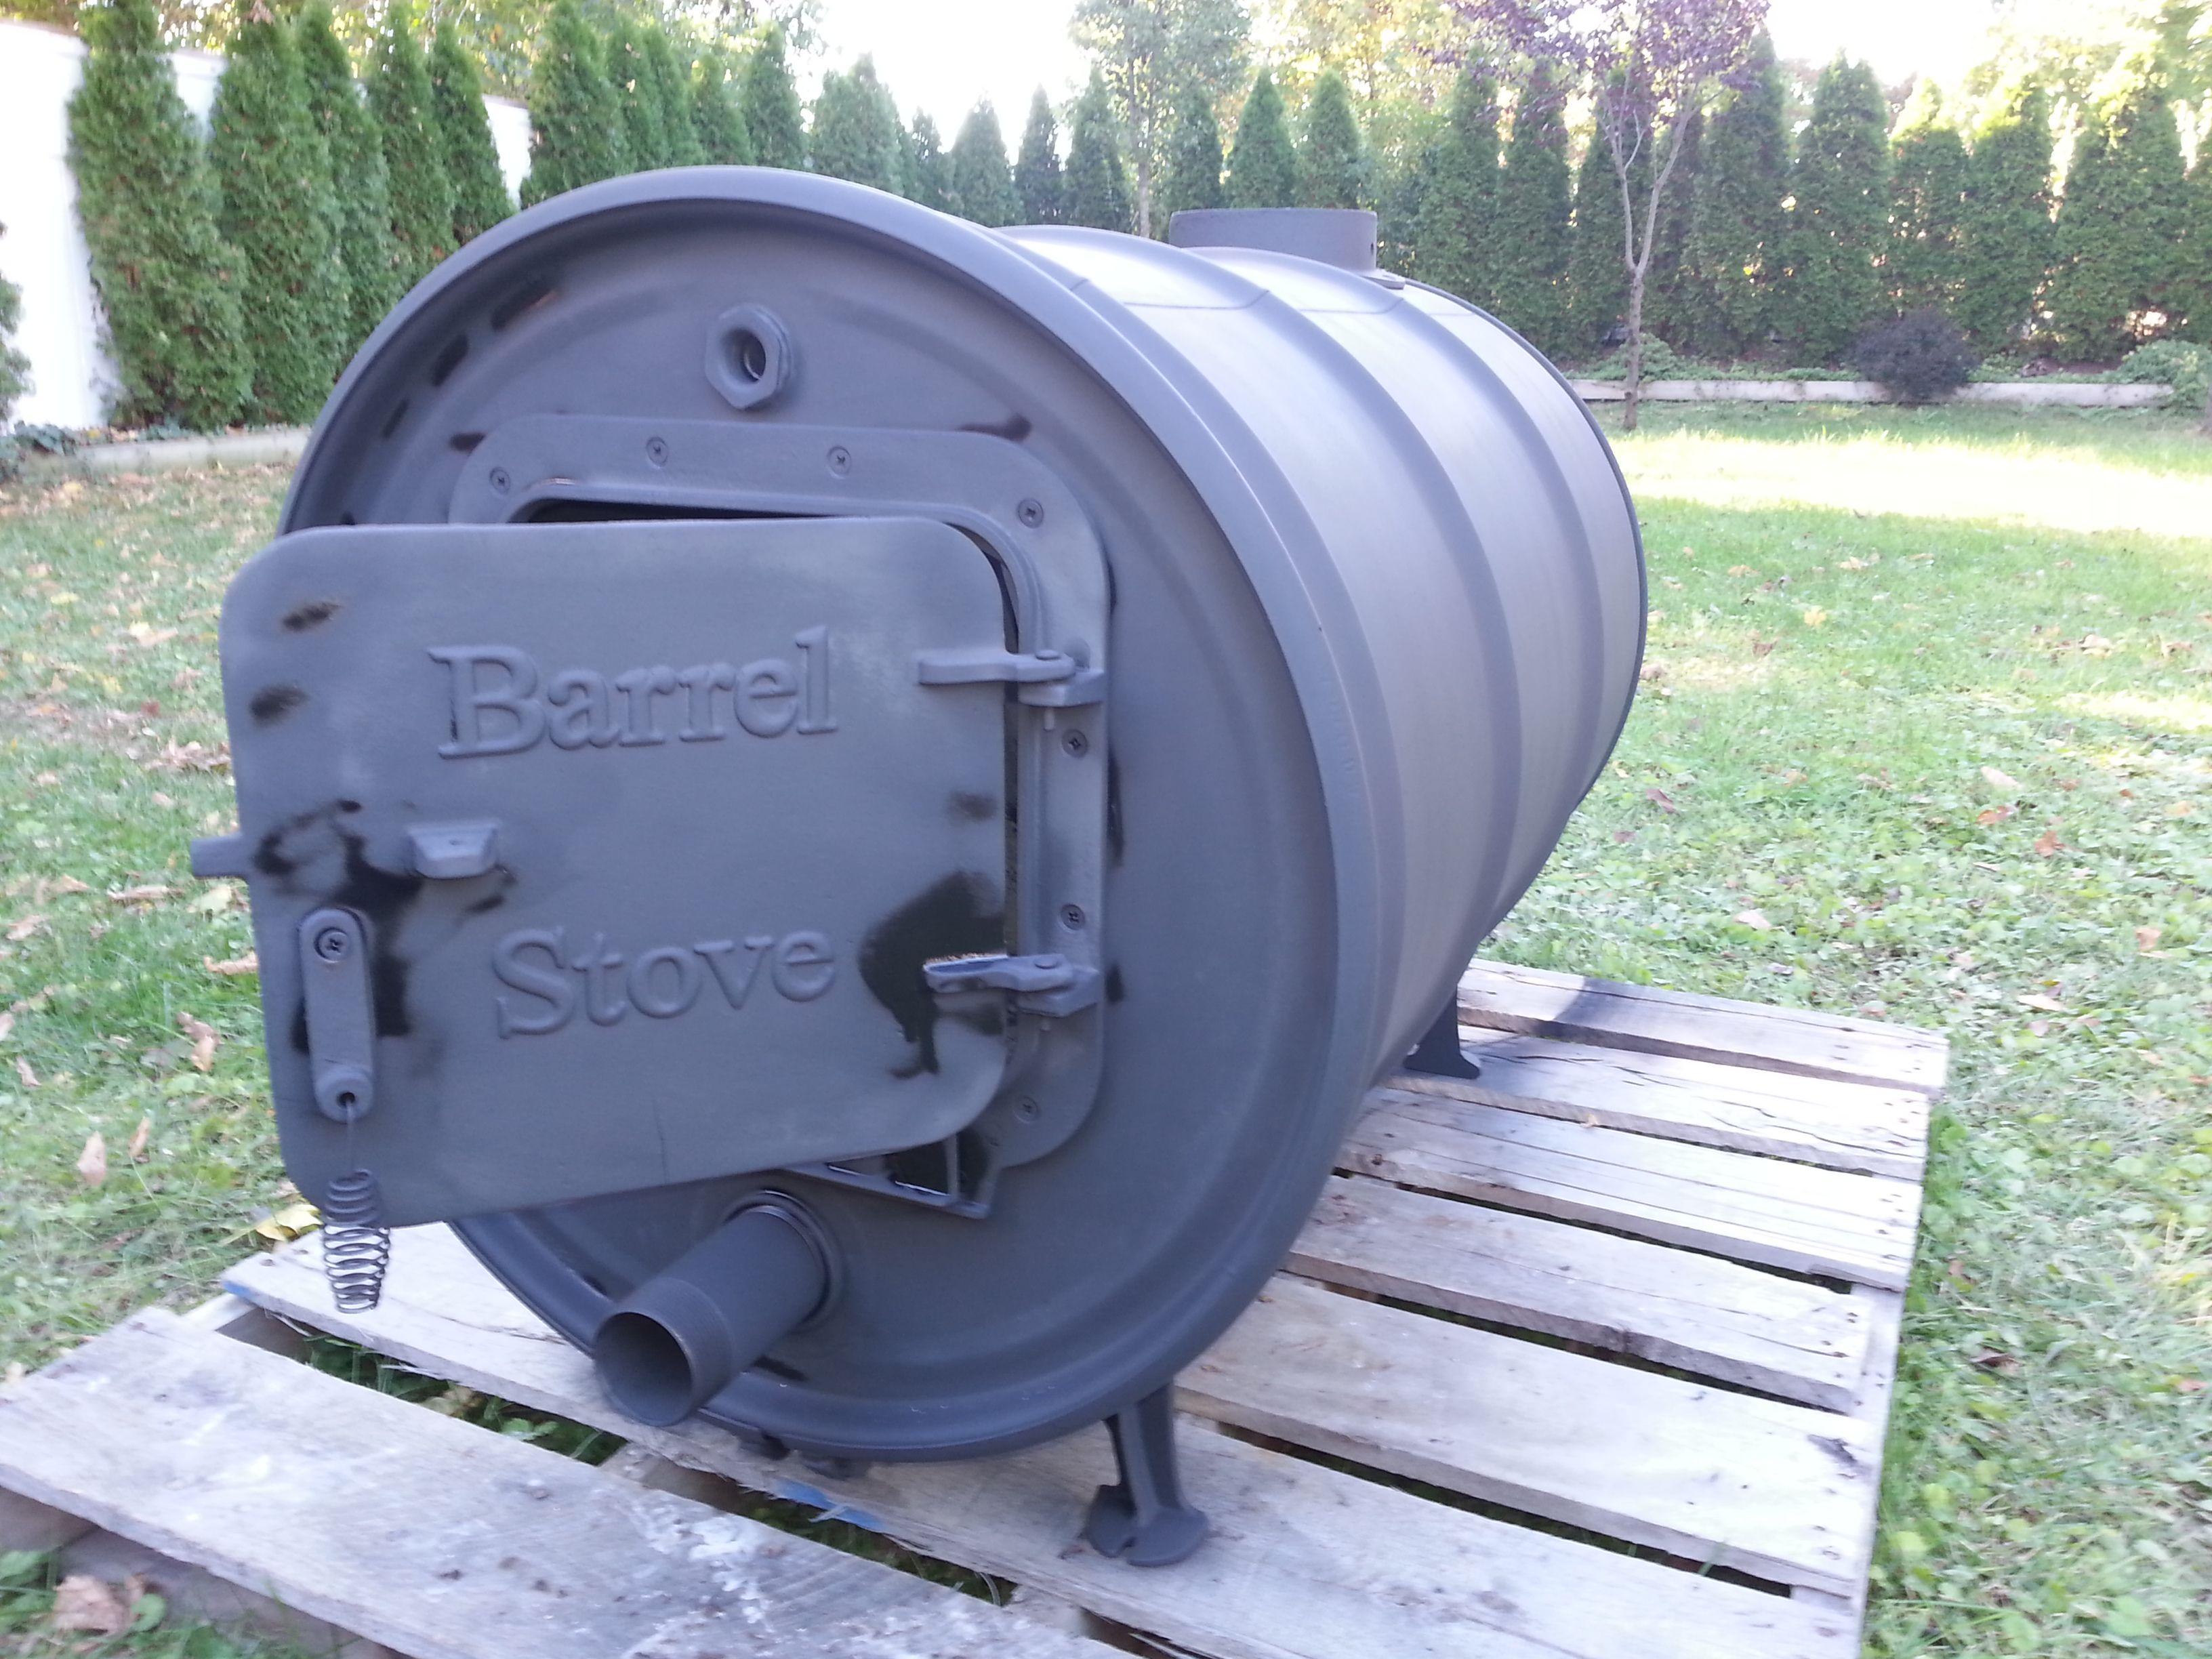 Barrel Stove, 55 gallon drum, stove kit, barrel stove kit, outdoor ...